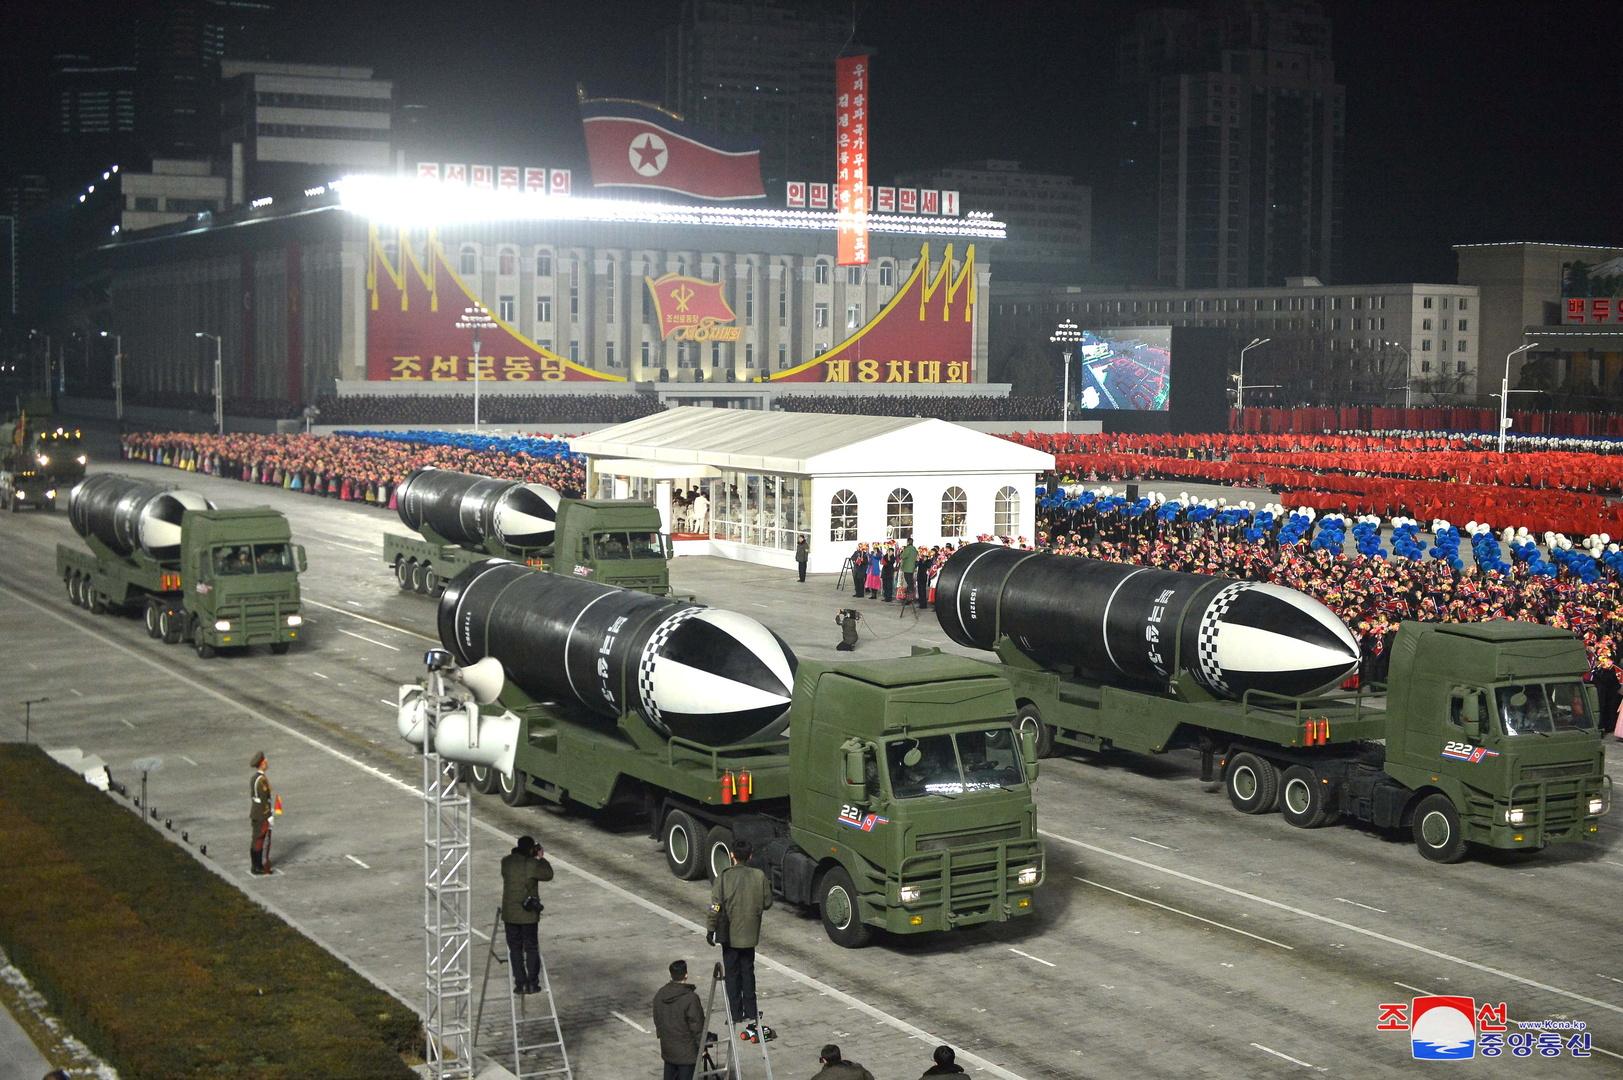 كوريا الشمالية تعرض صورة من فيديو لصاروخ باليستي عابر للقارات يطلق من ناقلة قاذفة